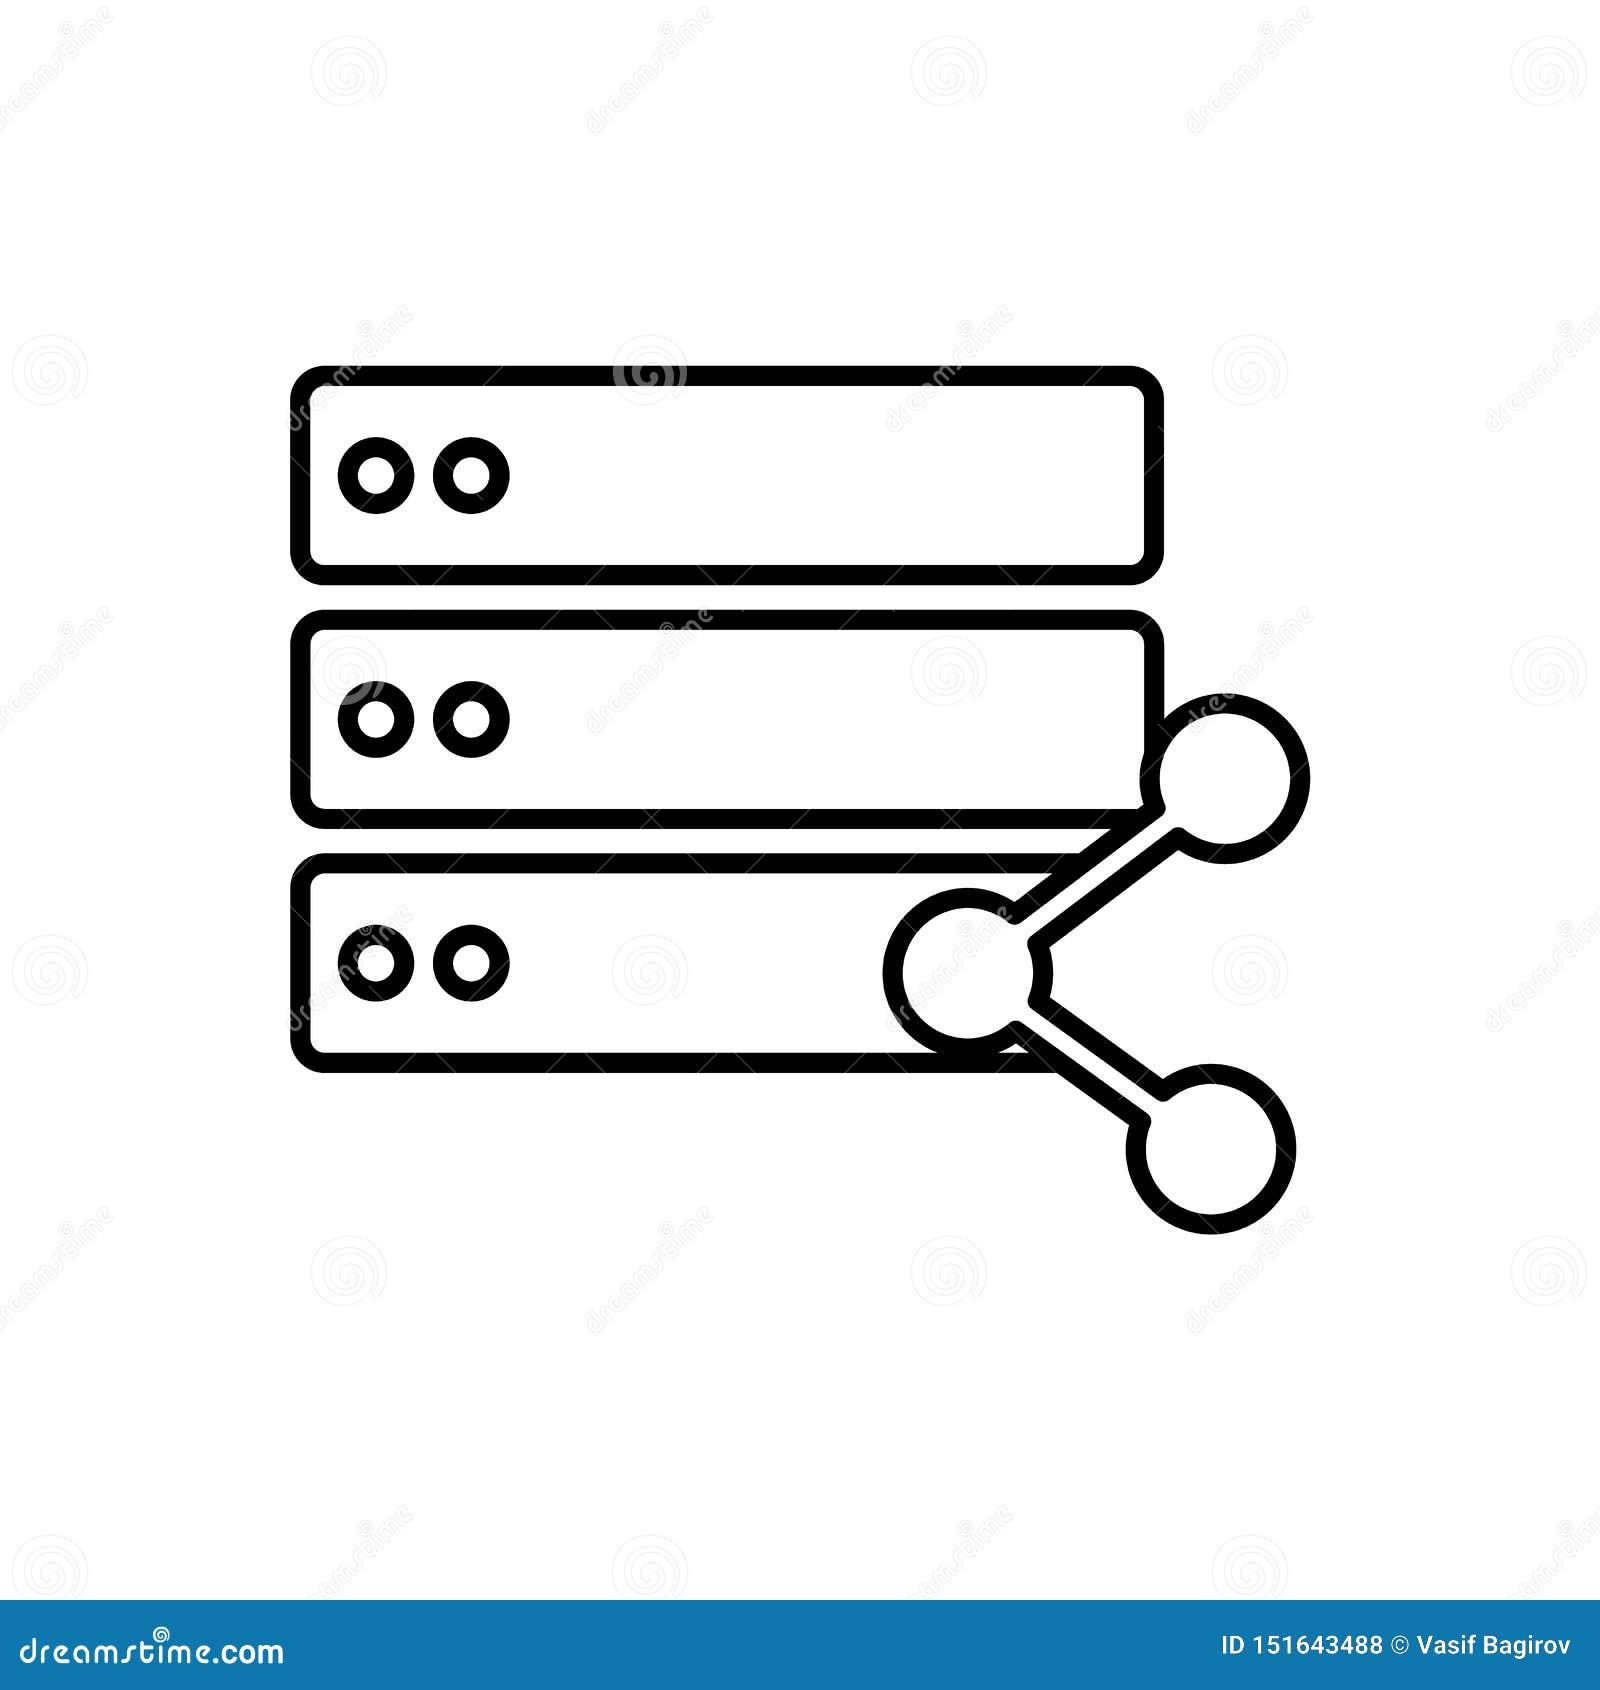 Base de données, serveur, icône de part - vecteur Ic?ne de vecteur de base de donn?es